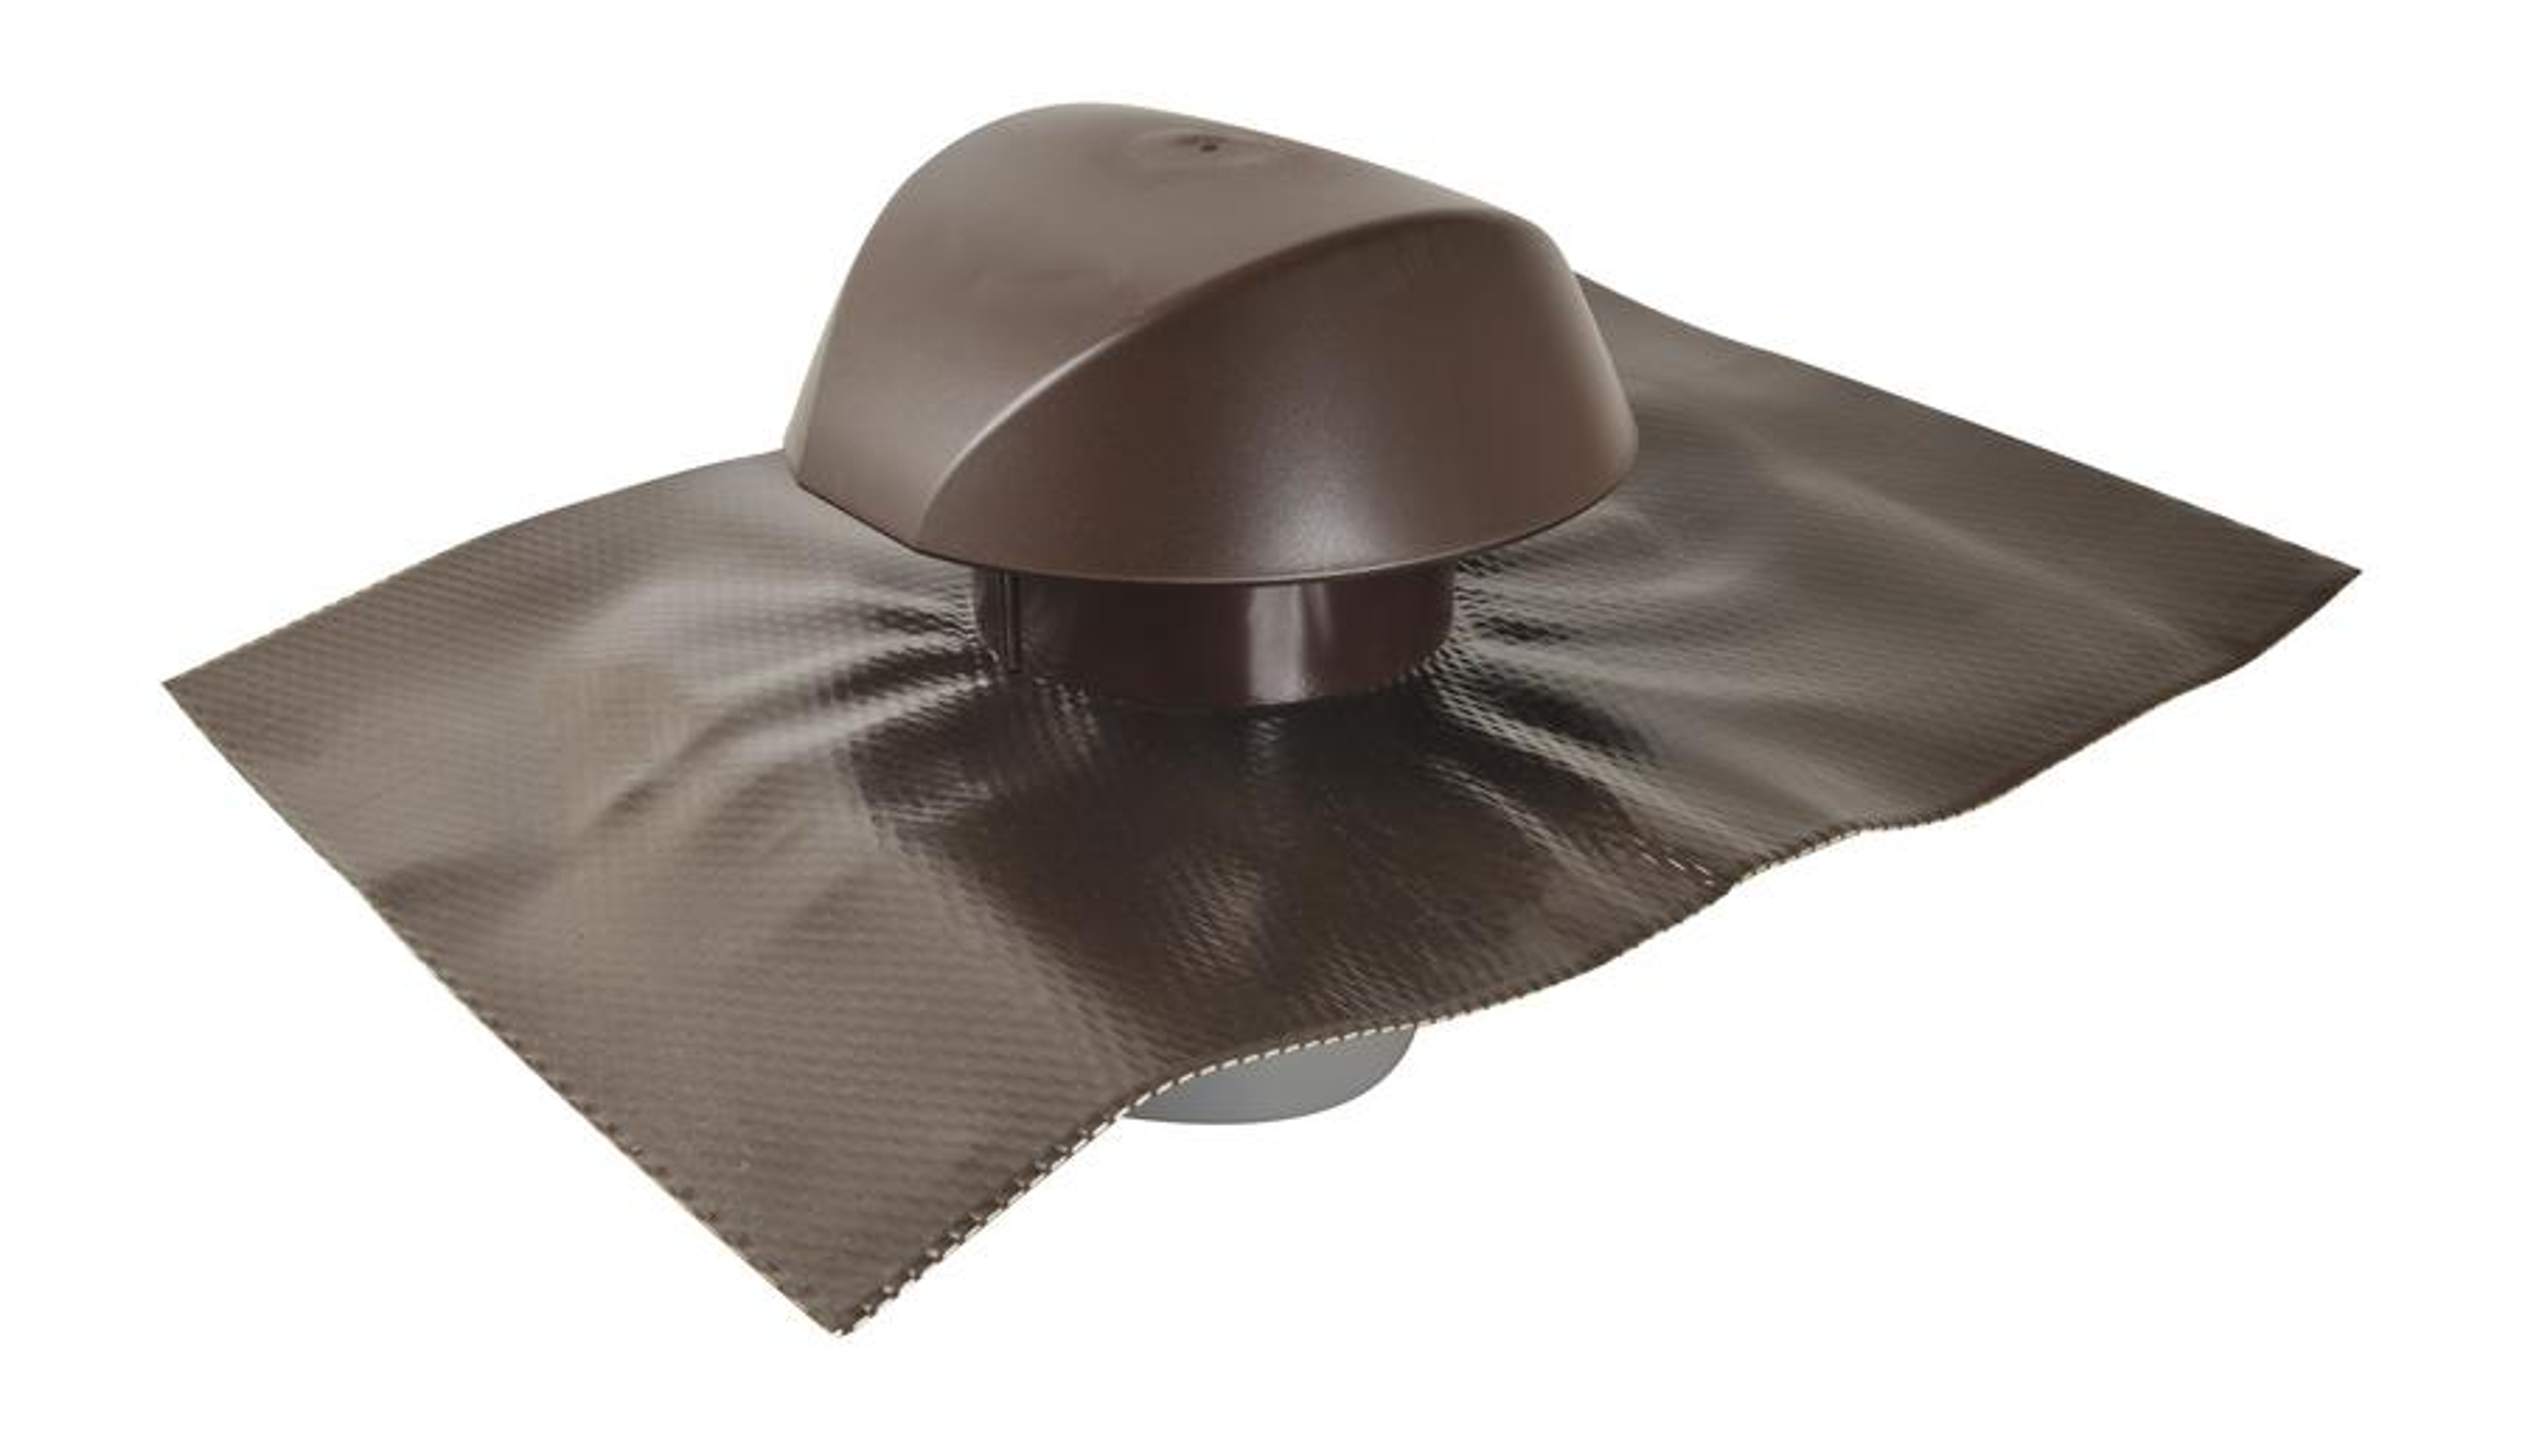 chapeau de ventilation avec collerette d 39 tench it atemax nicoll. Black Bedroom Furniture Sets. Home Design Ideas